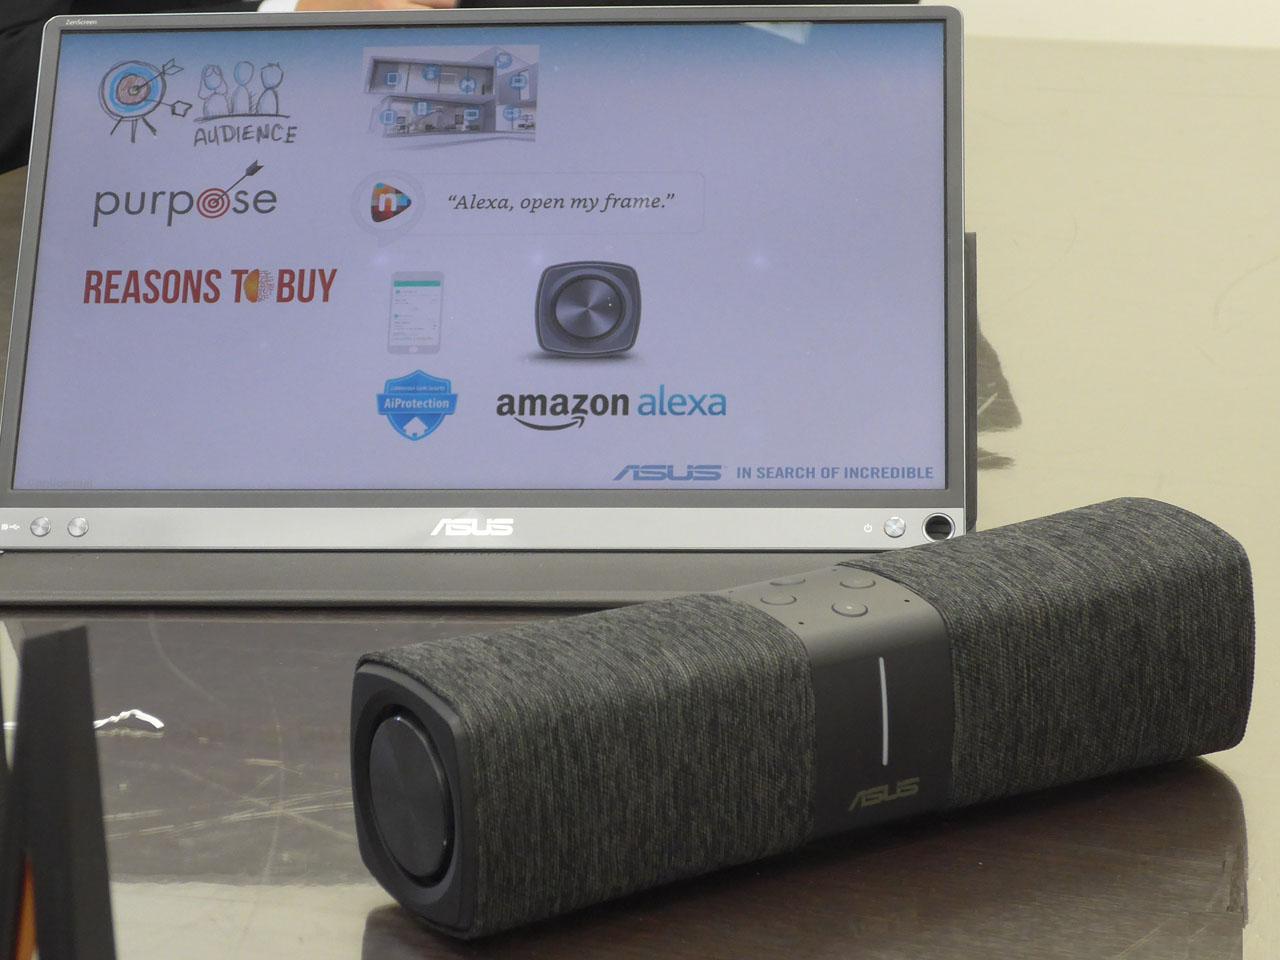 メッシュWi-FiルーターとAlexa対応スマートスピーカーを一体化した「Lyra Voice」